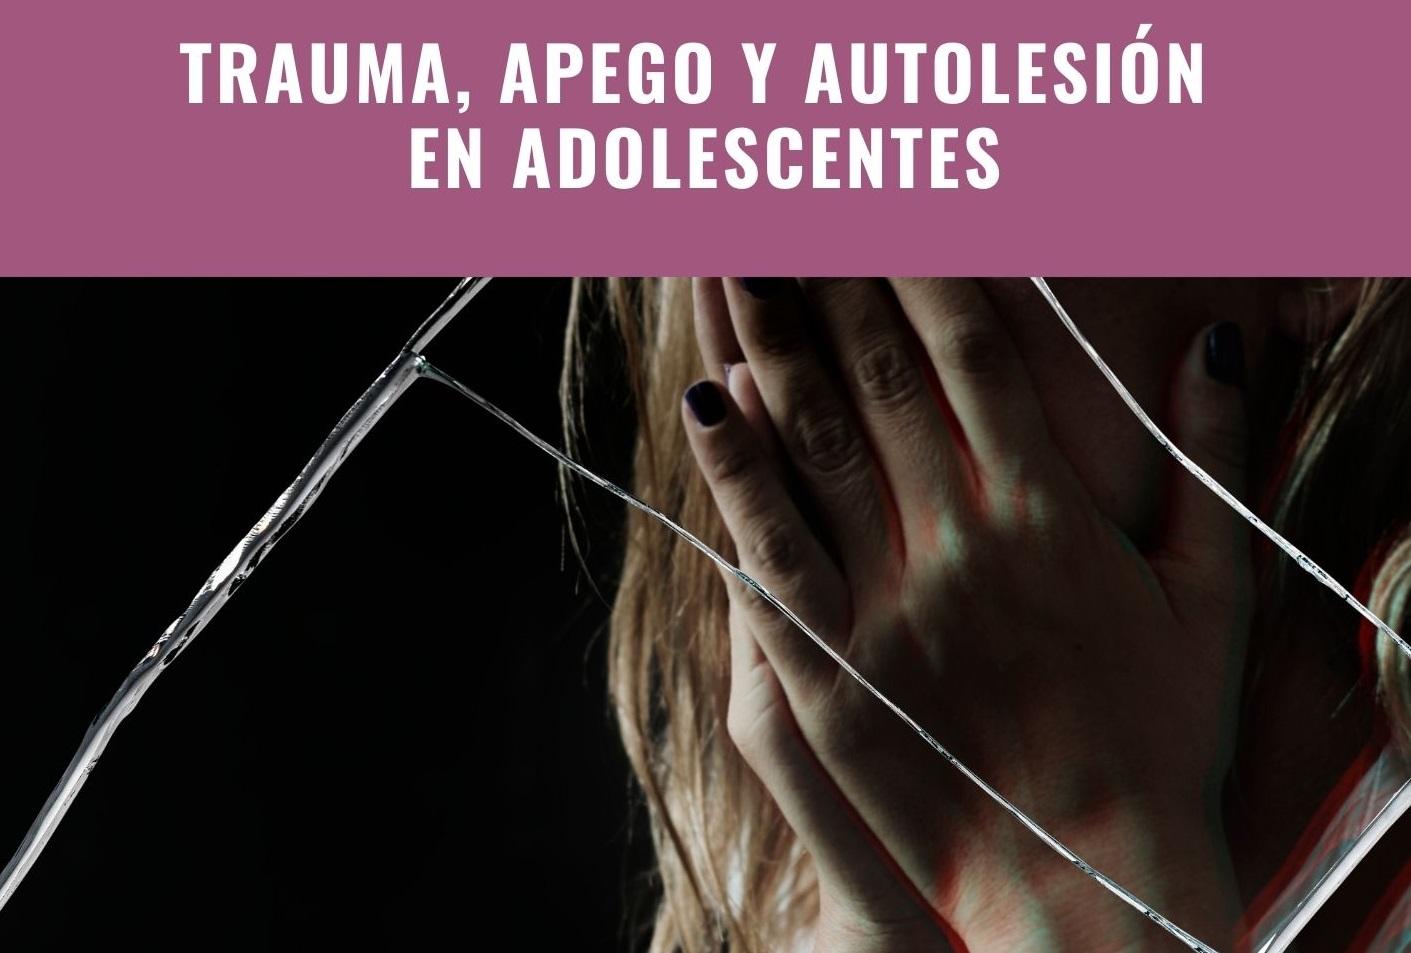 Taller Trauma, apego y autolesión en adolescentes